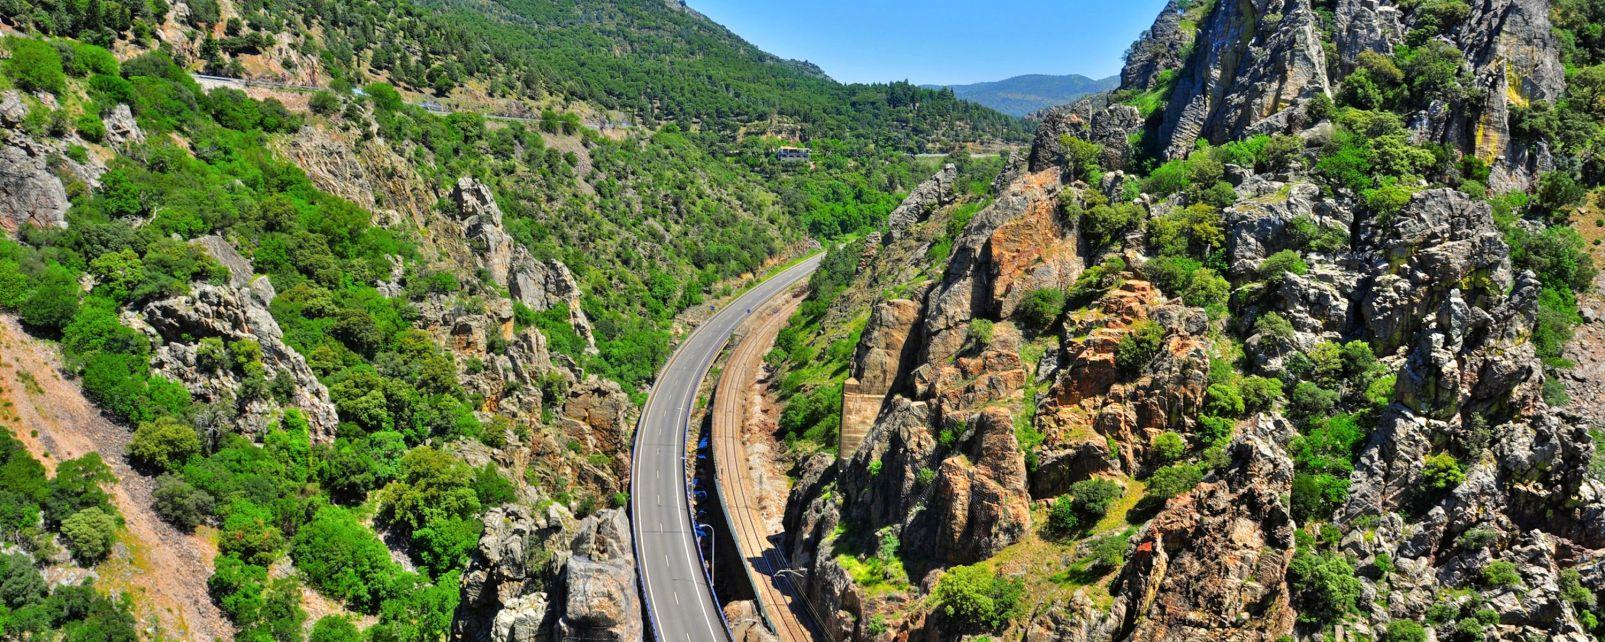 Panoramica de un pueblo blanco Andaluz, La ruta del Califato, Los paisajes, Granada, Andalucía